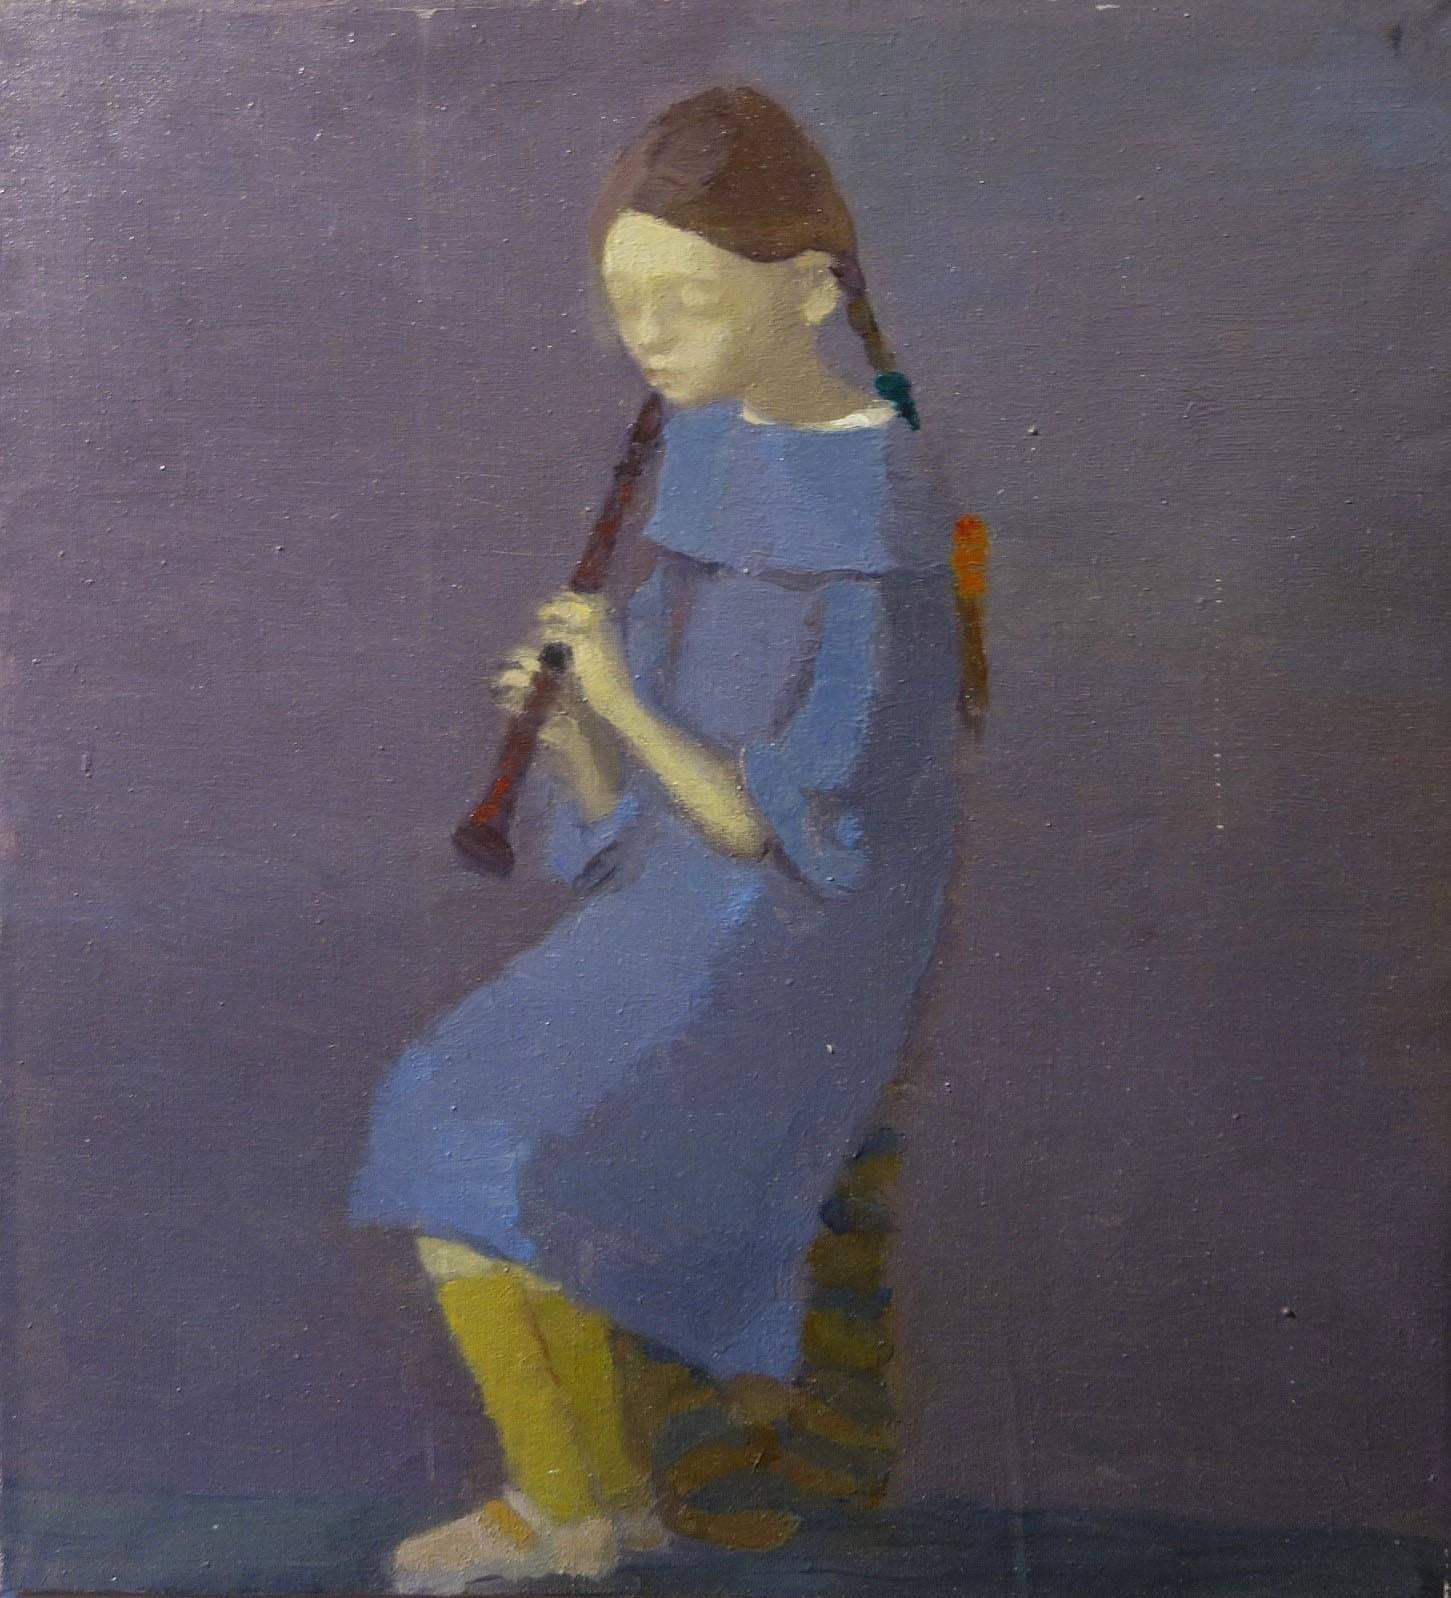 Portrait with Flute - 21st Century, Contemporary, Oil, Portrait Painting, Blue